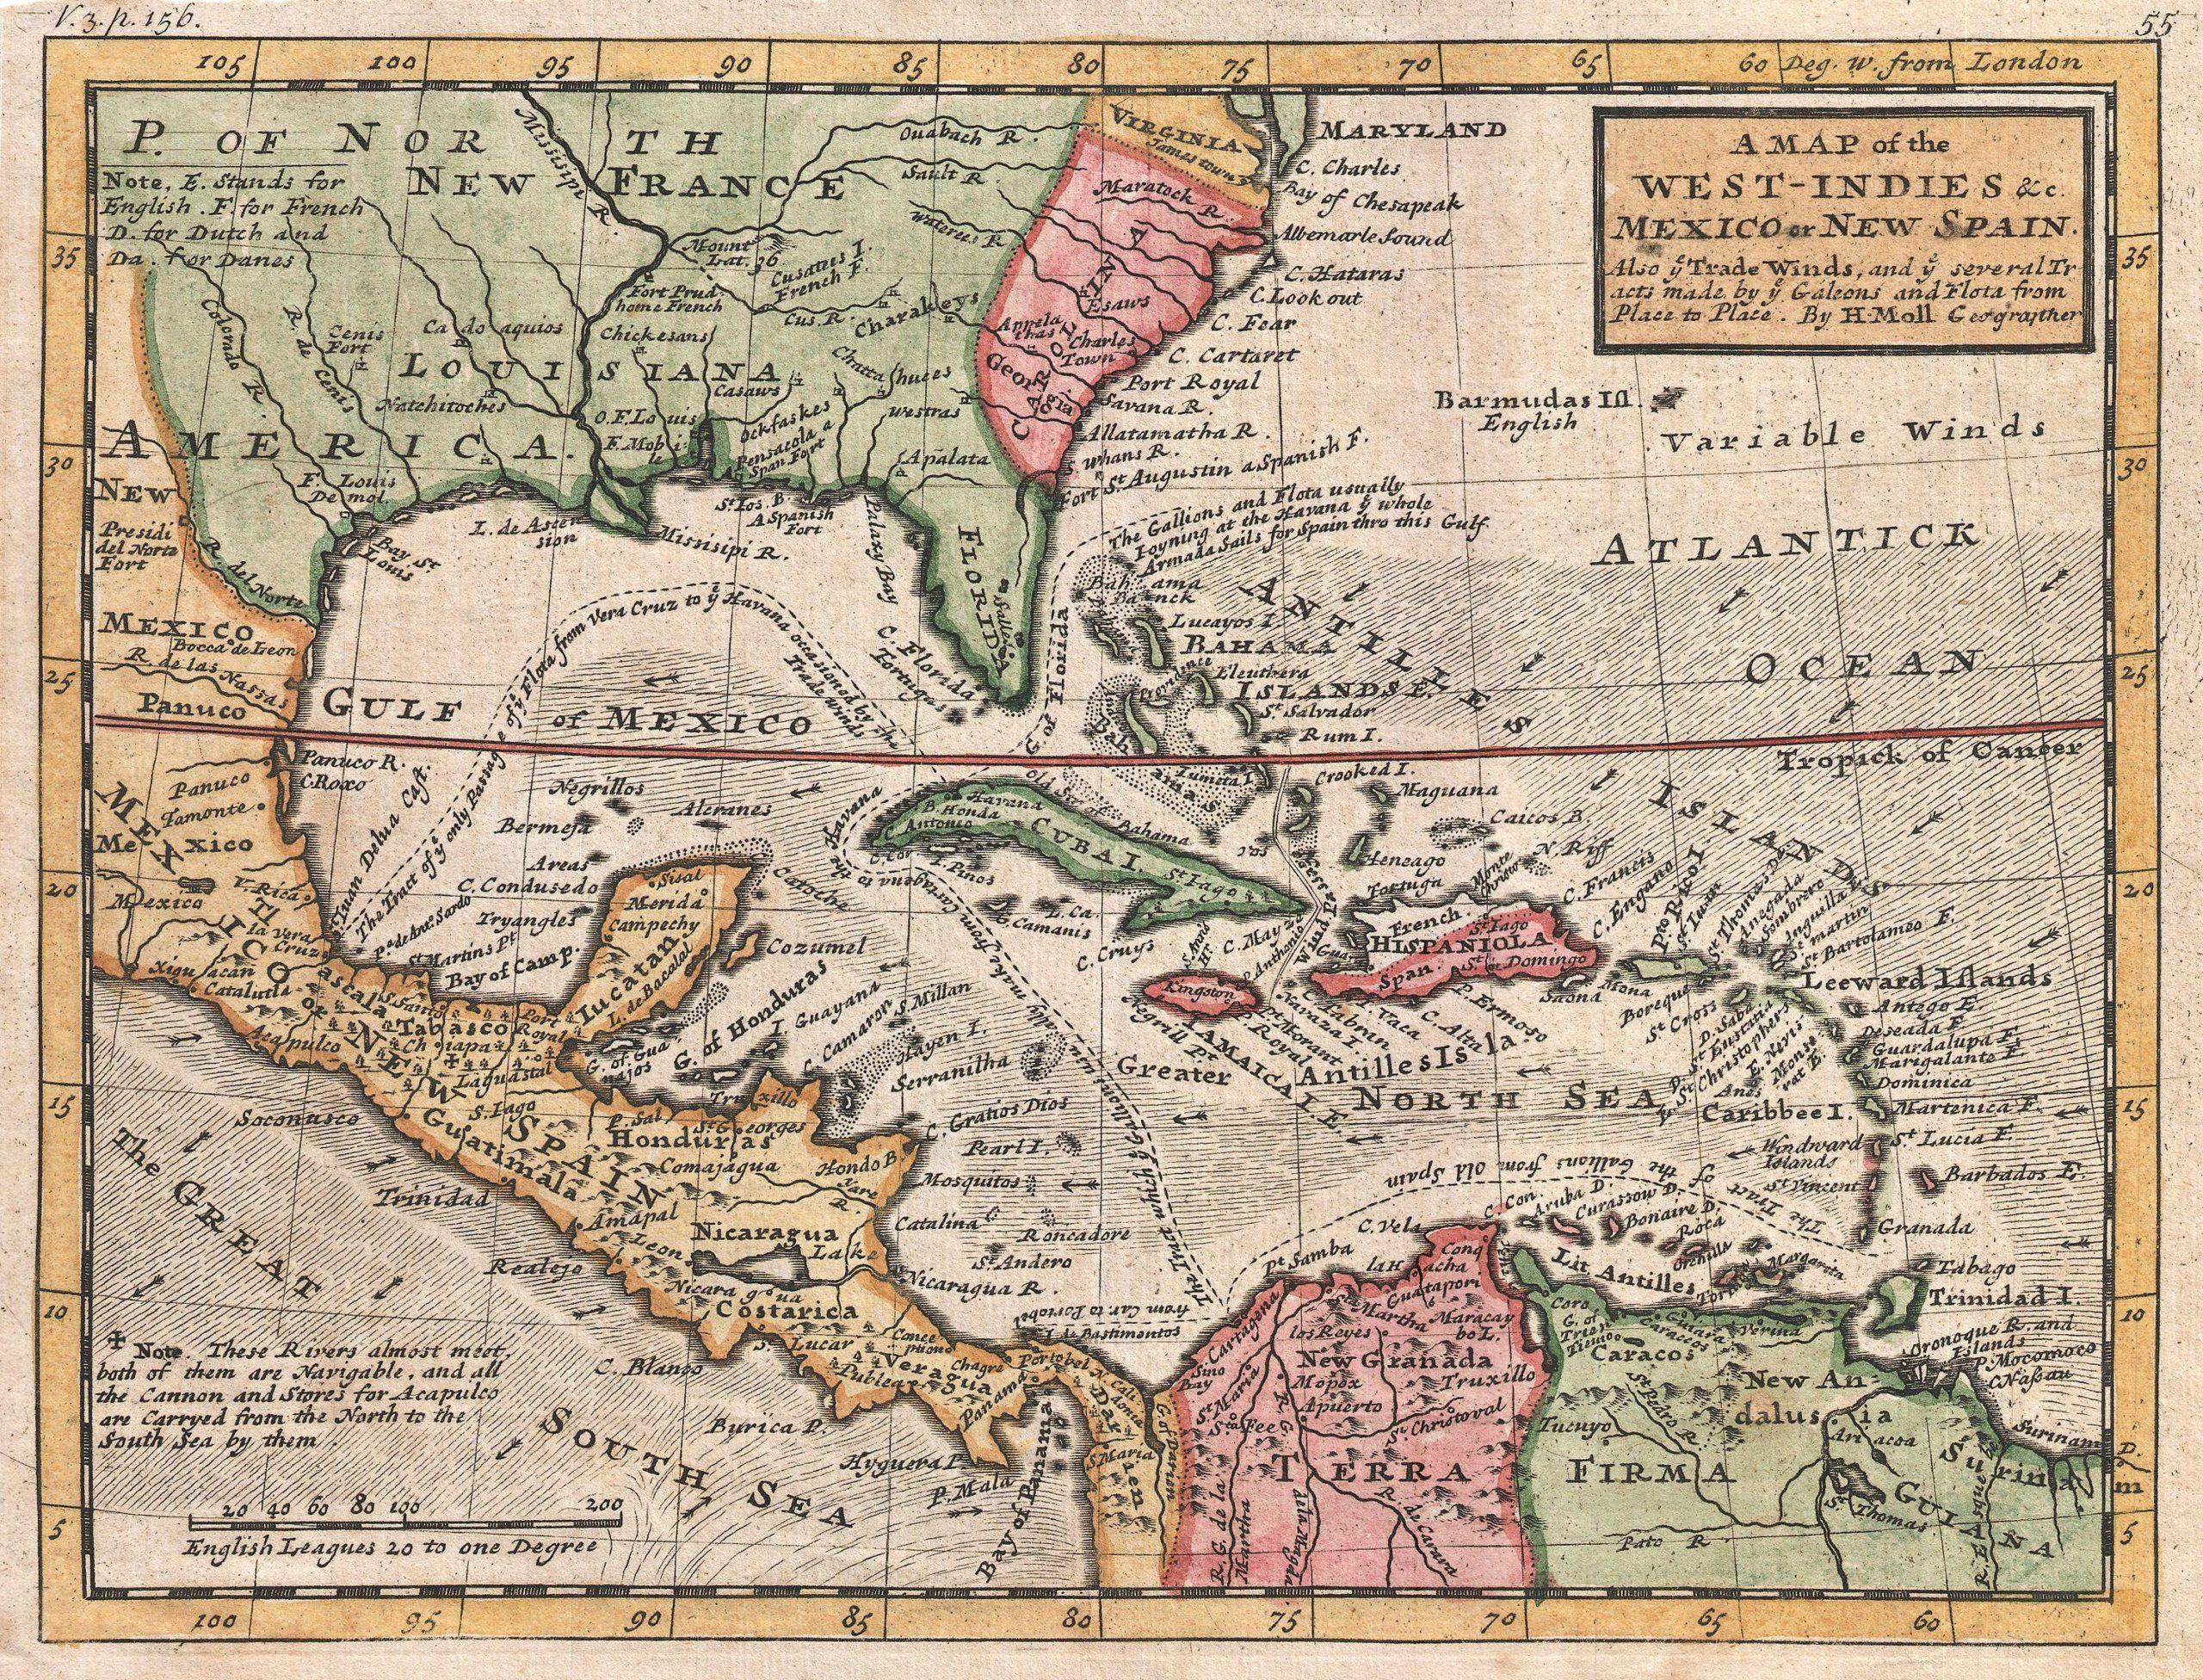 Карта Вест-Индии и Карибских островов 1732 года